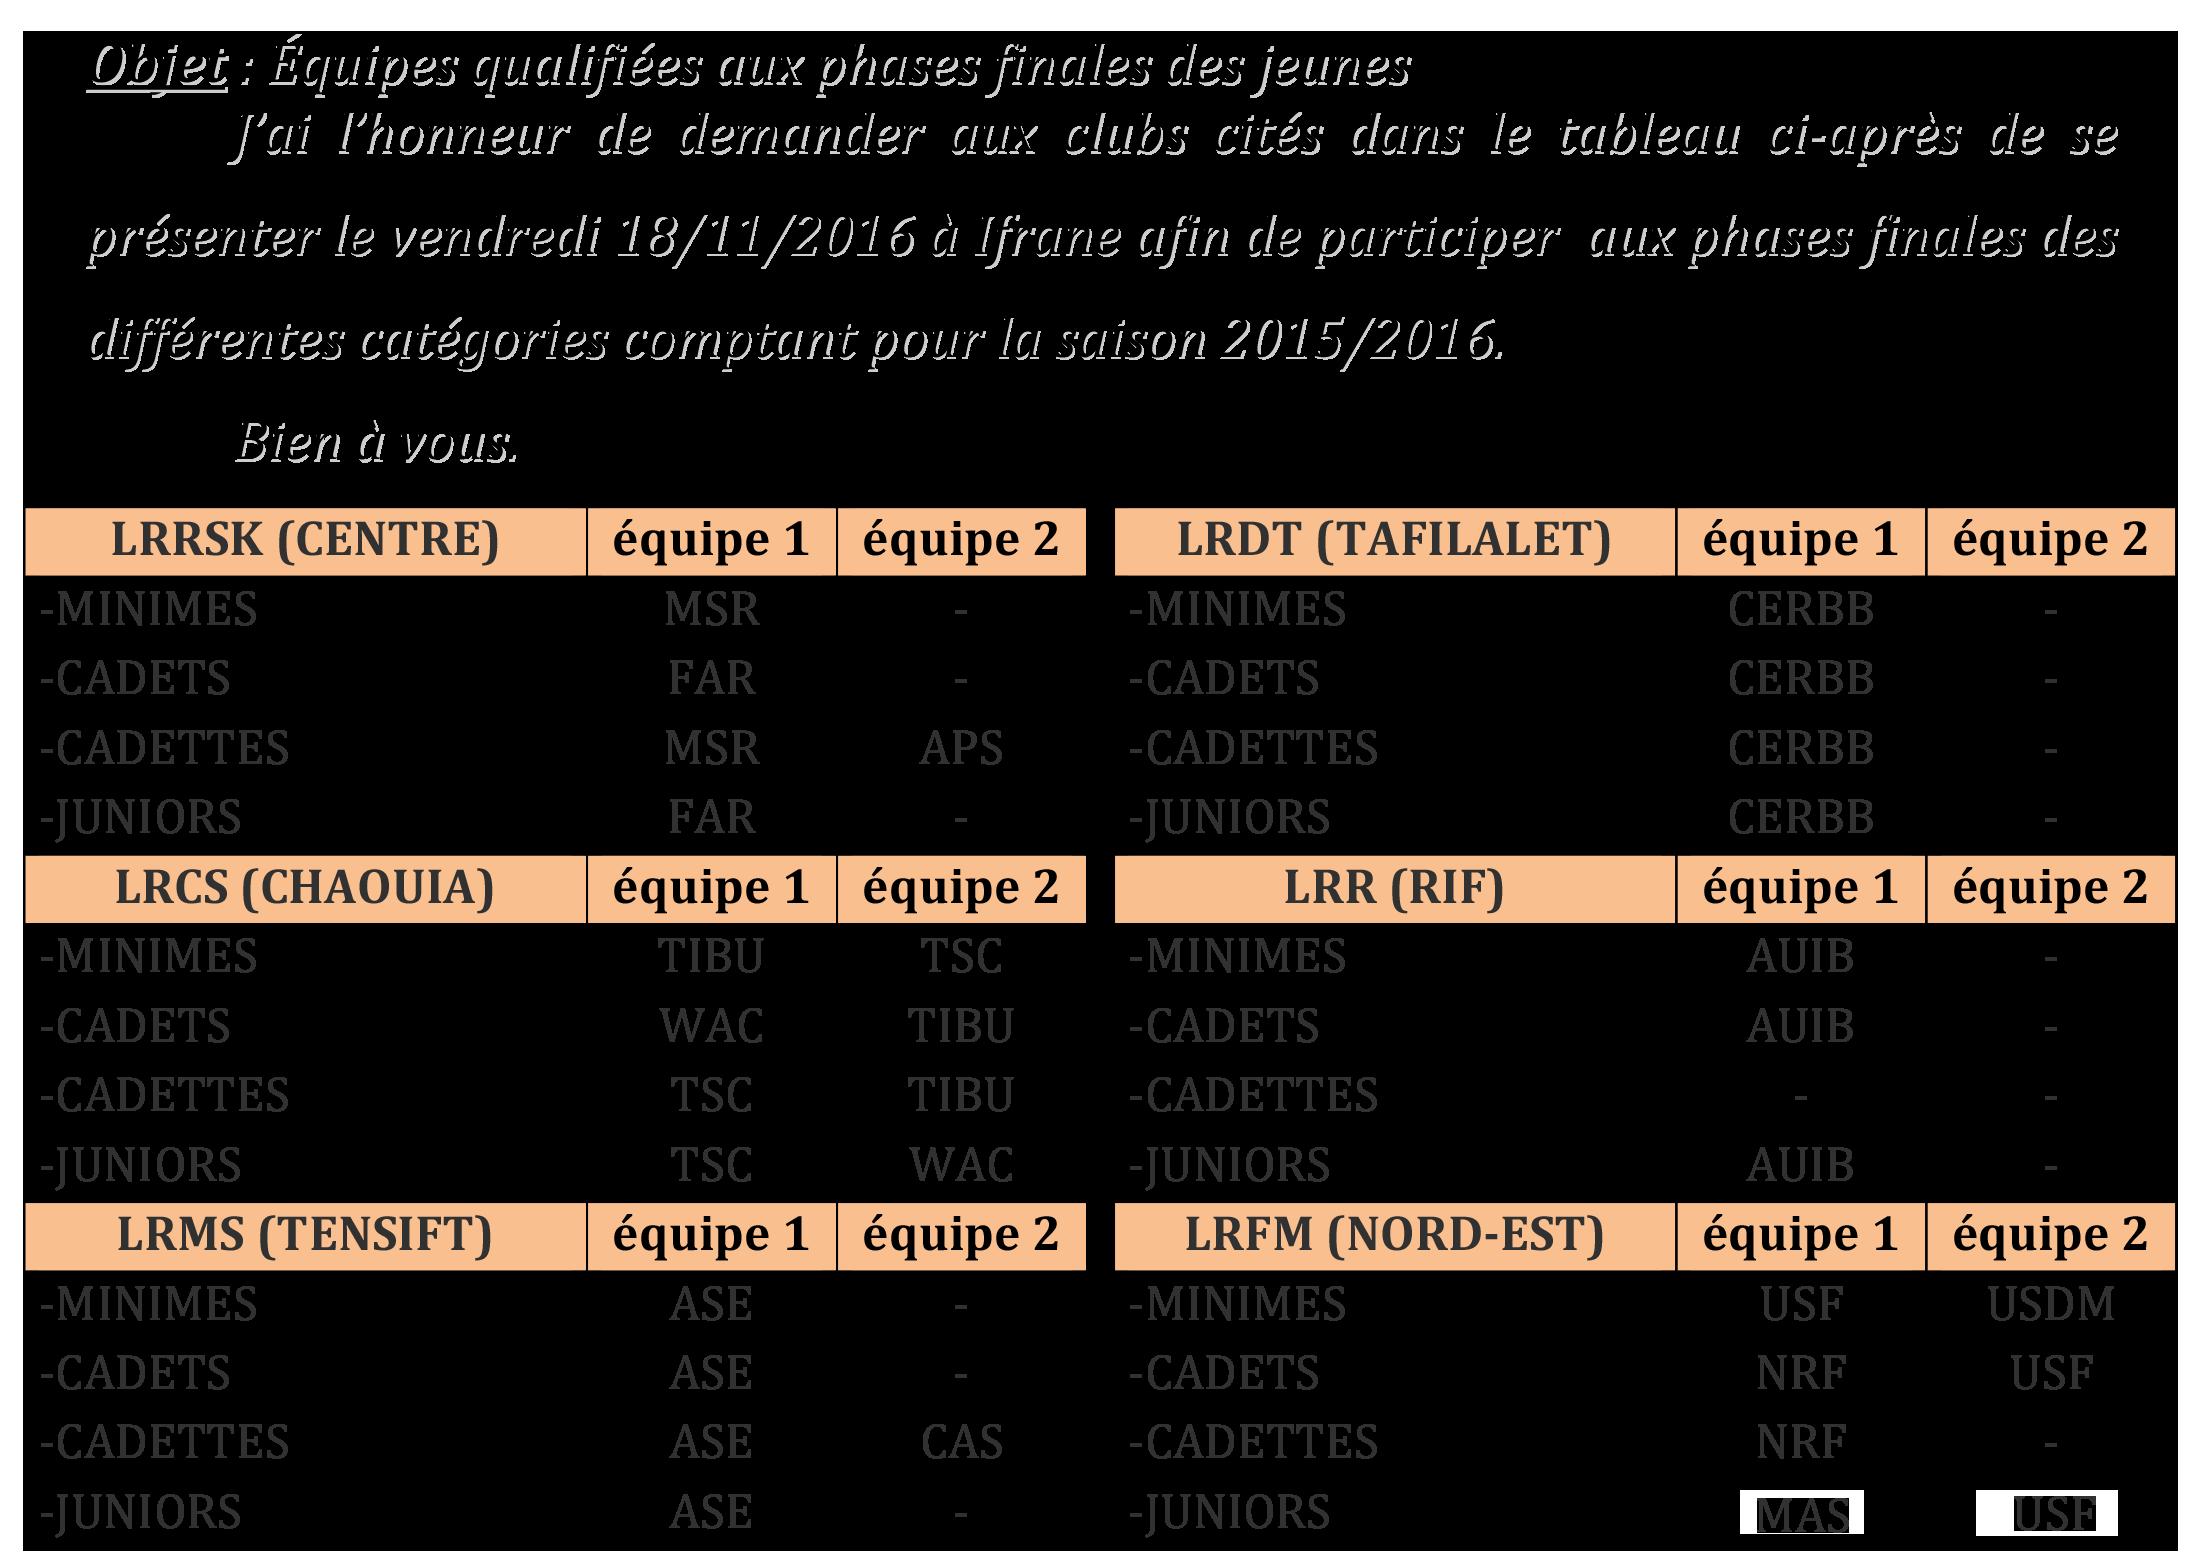 championnat-des-jeunes-2015-2016